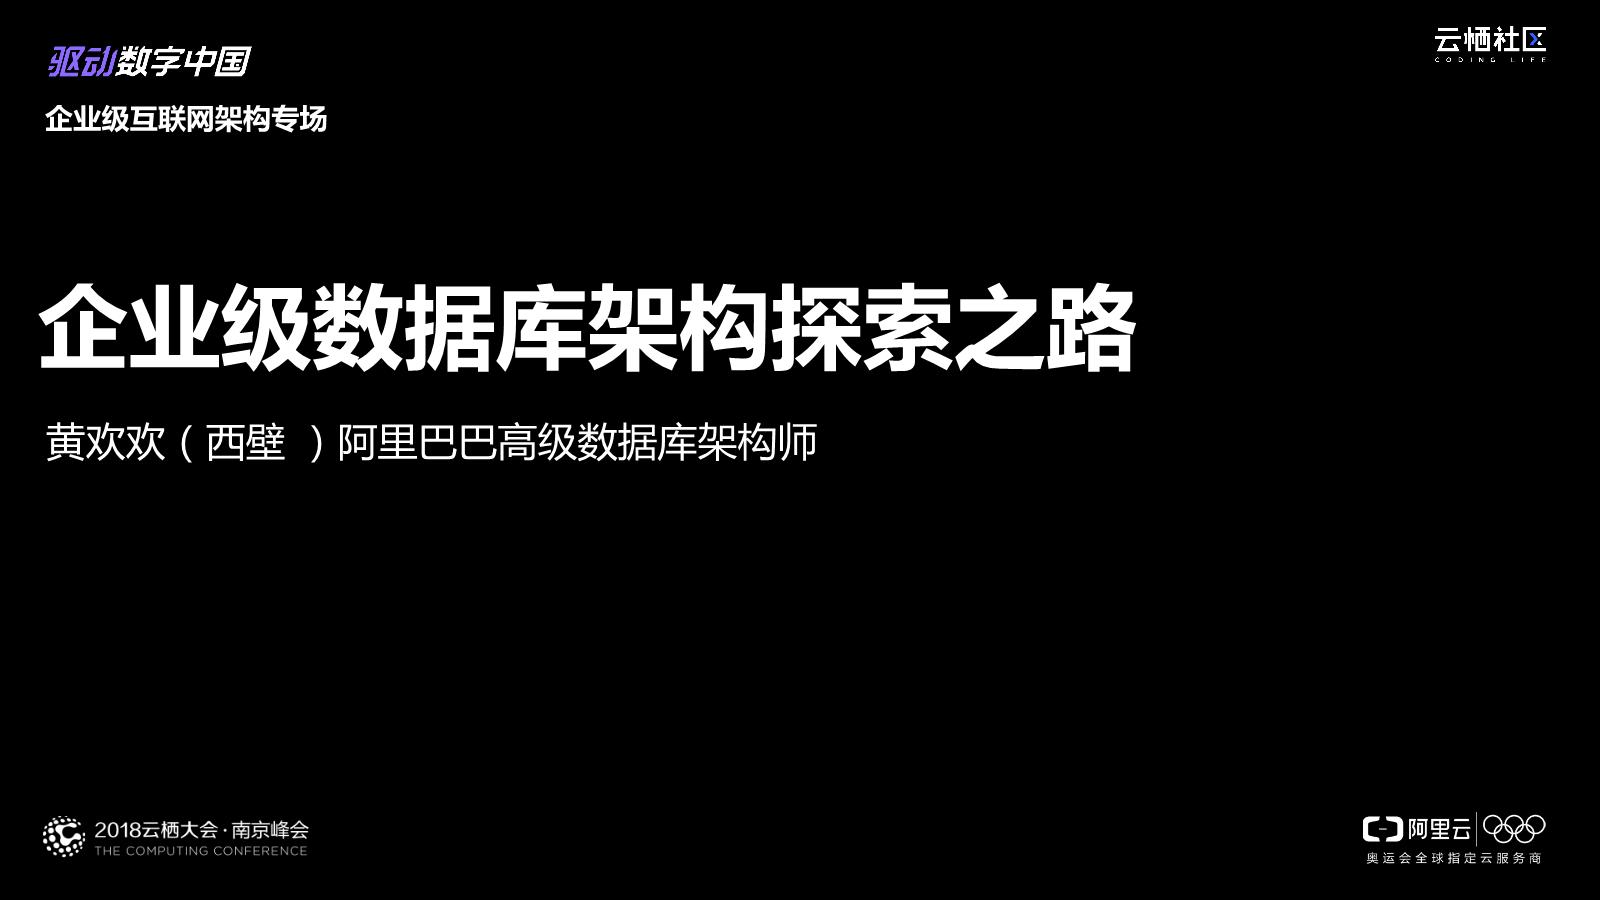 黄欢欢-企业级数据库架构探索之路